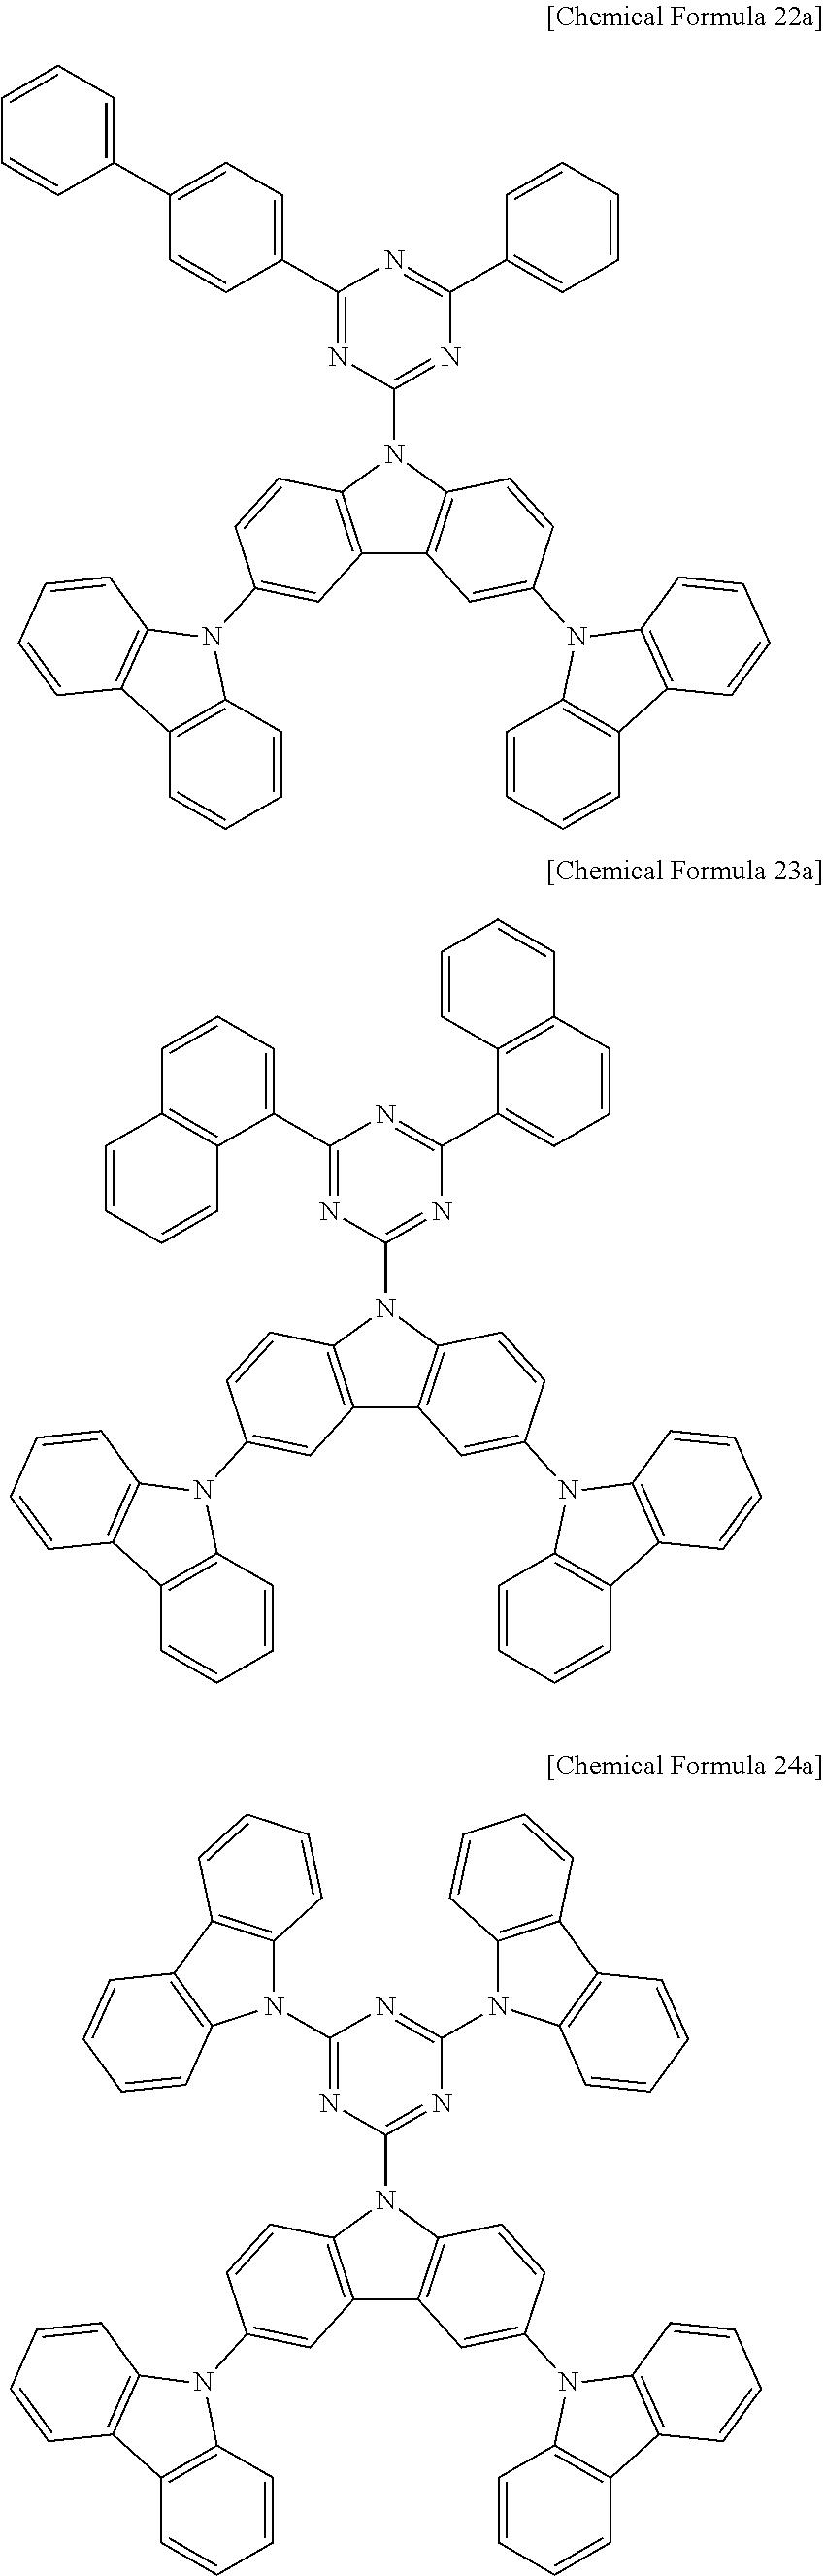 Figure US20130292659A1-20131107-C00016